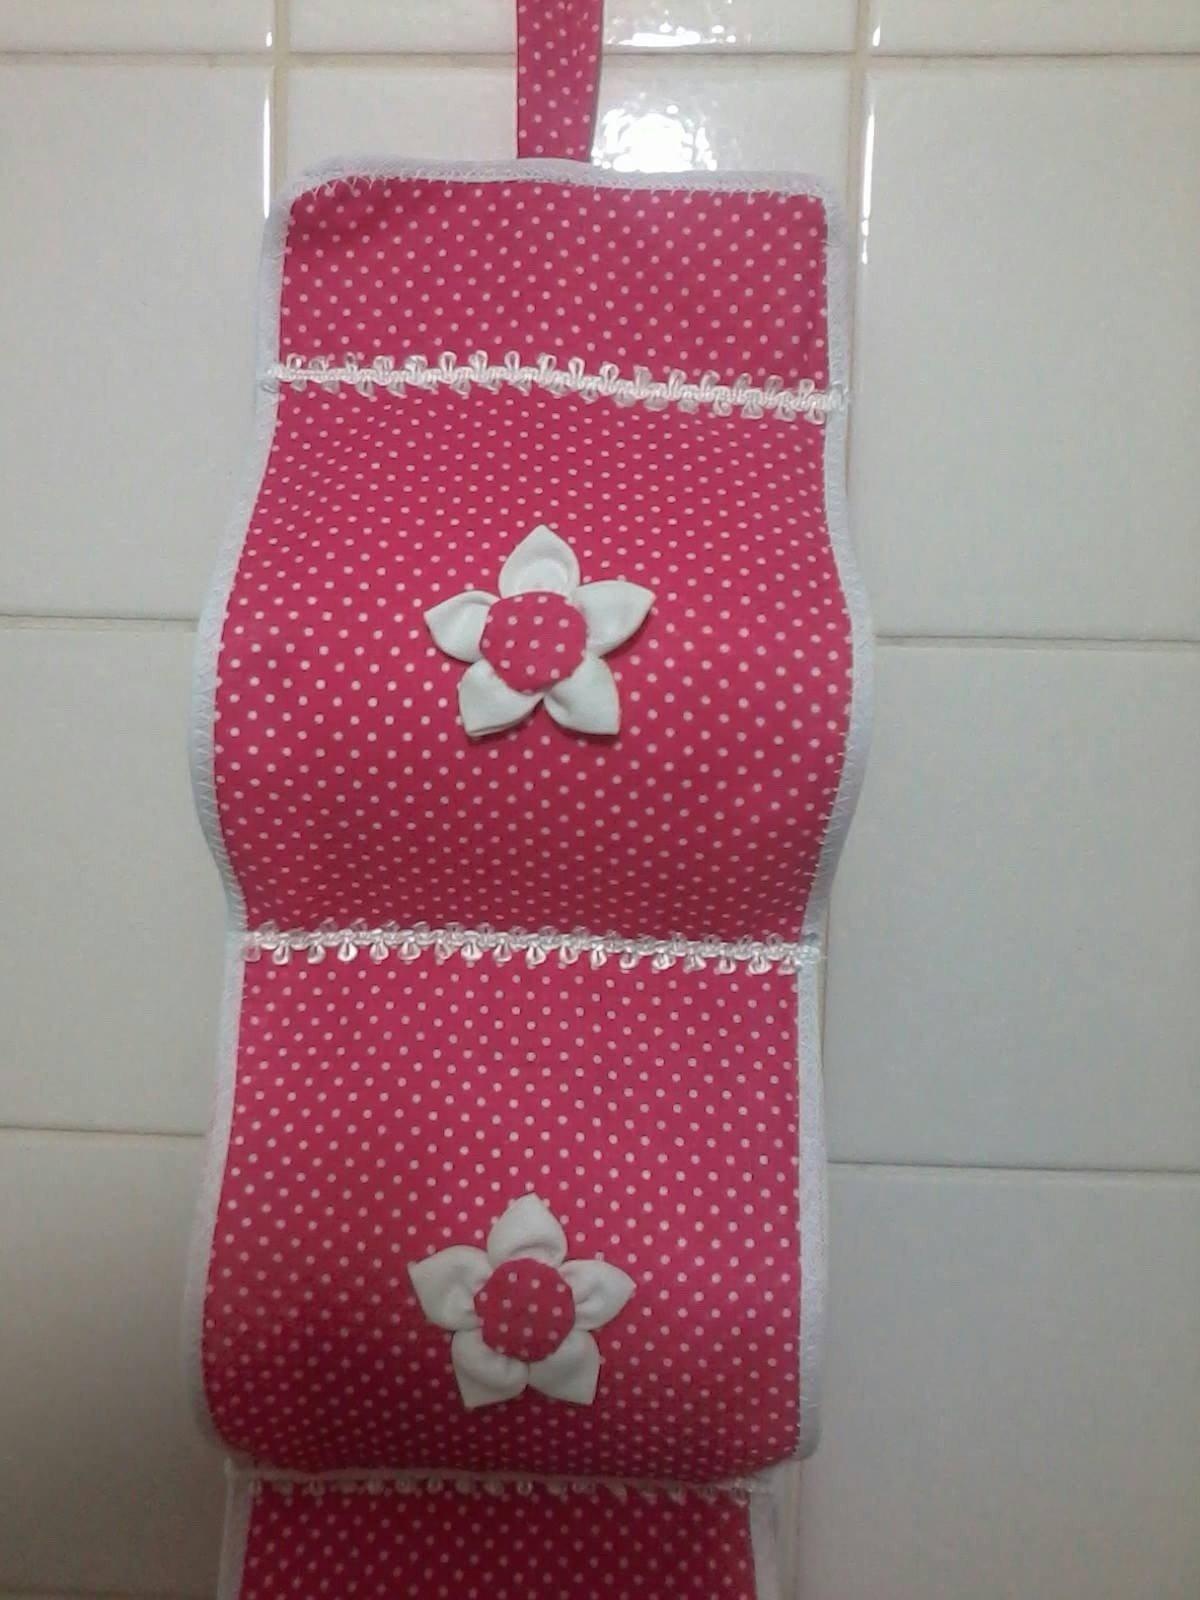 Porta papel higi nico de tecido feito artesanalmente for Porta or